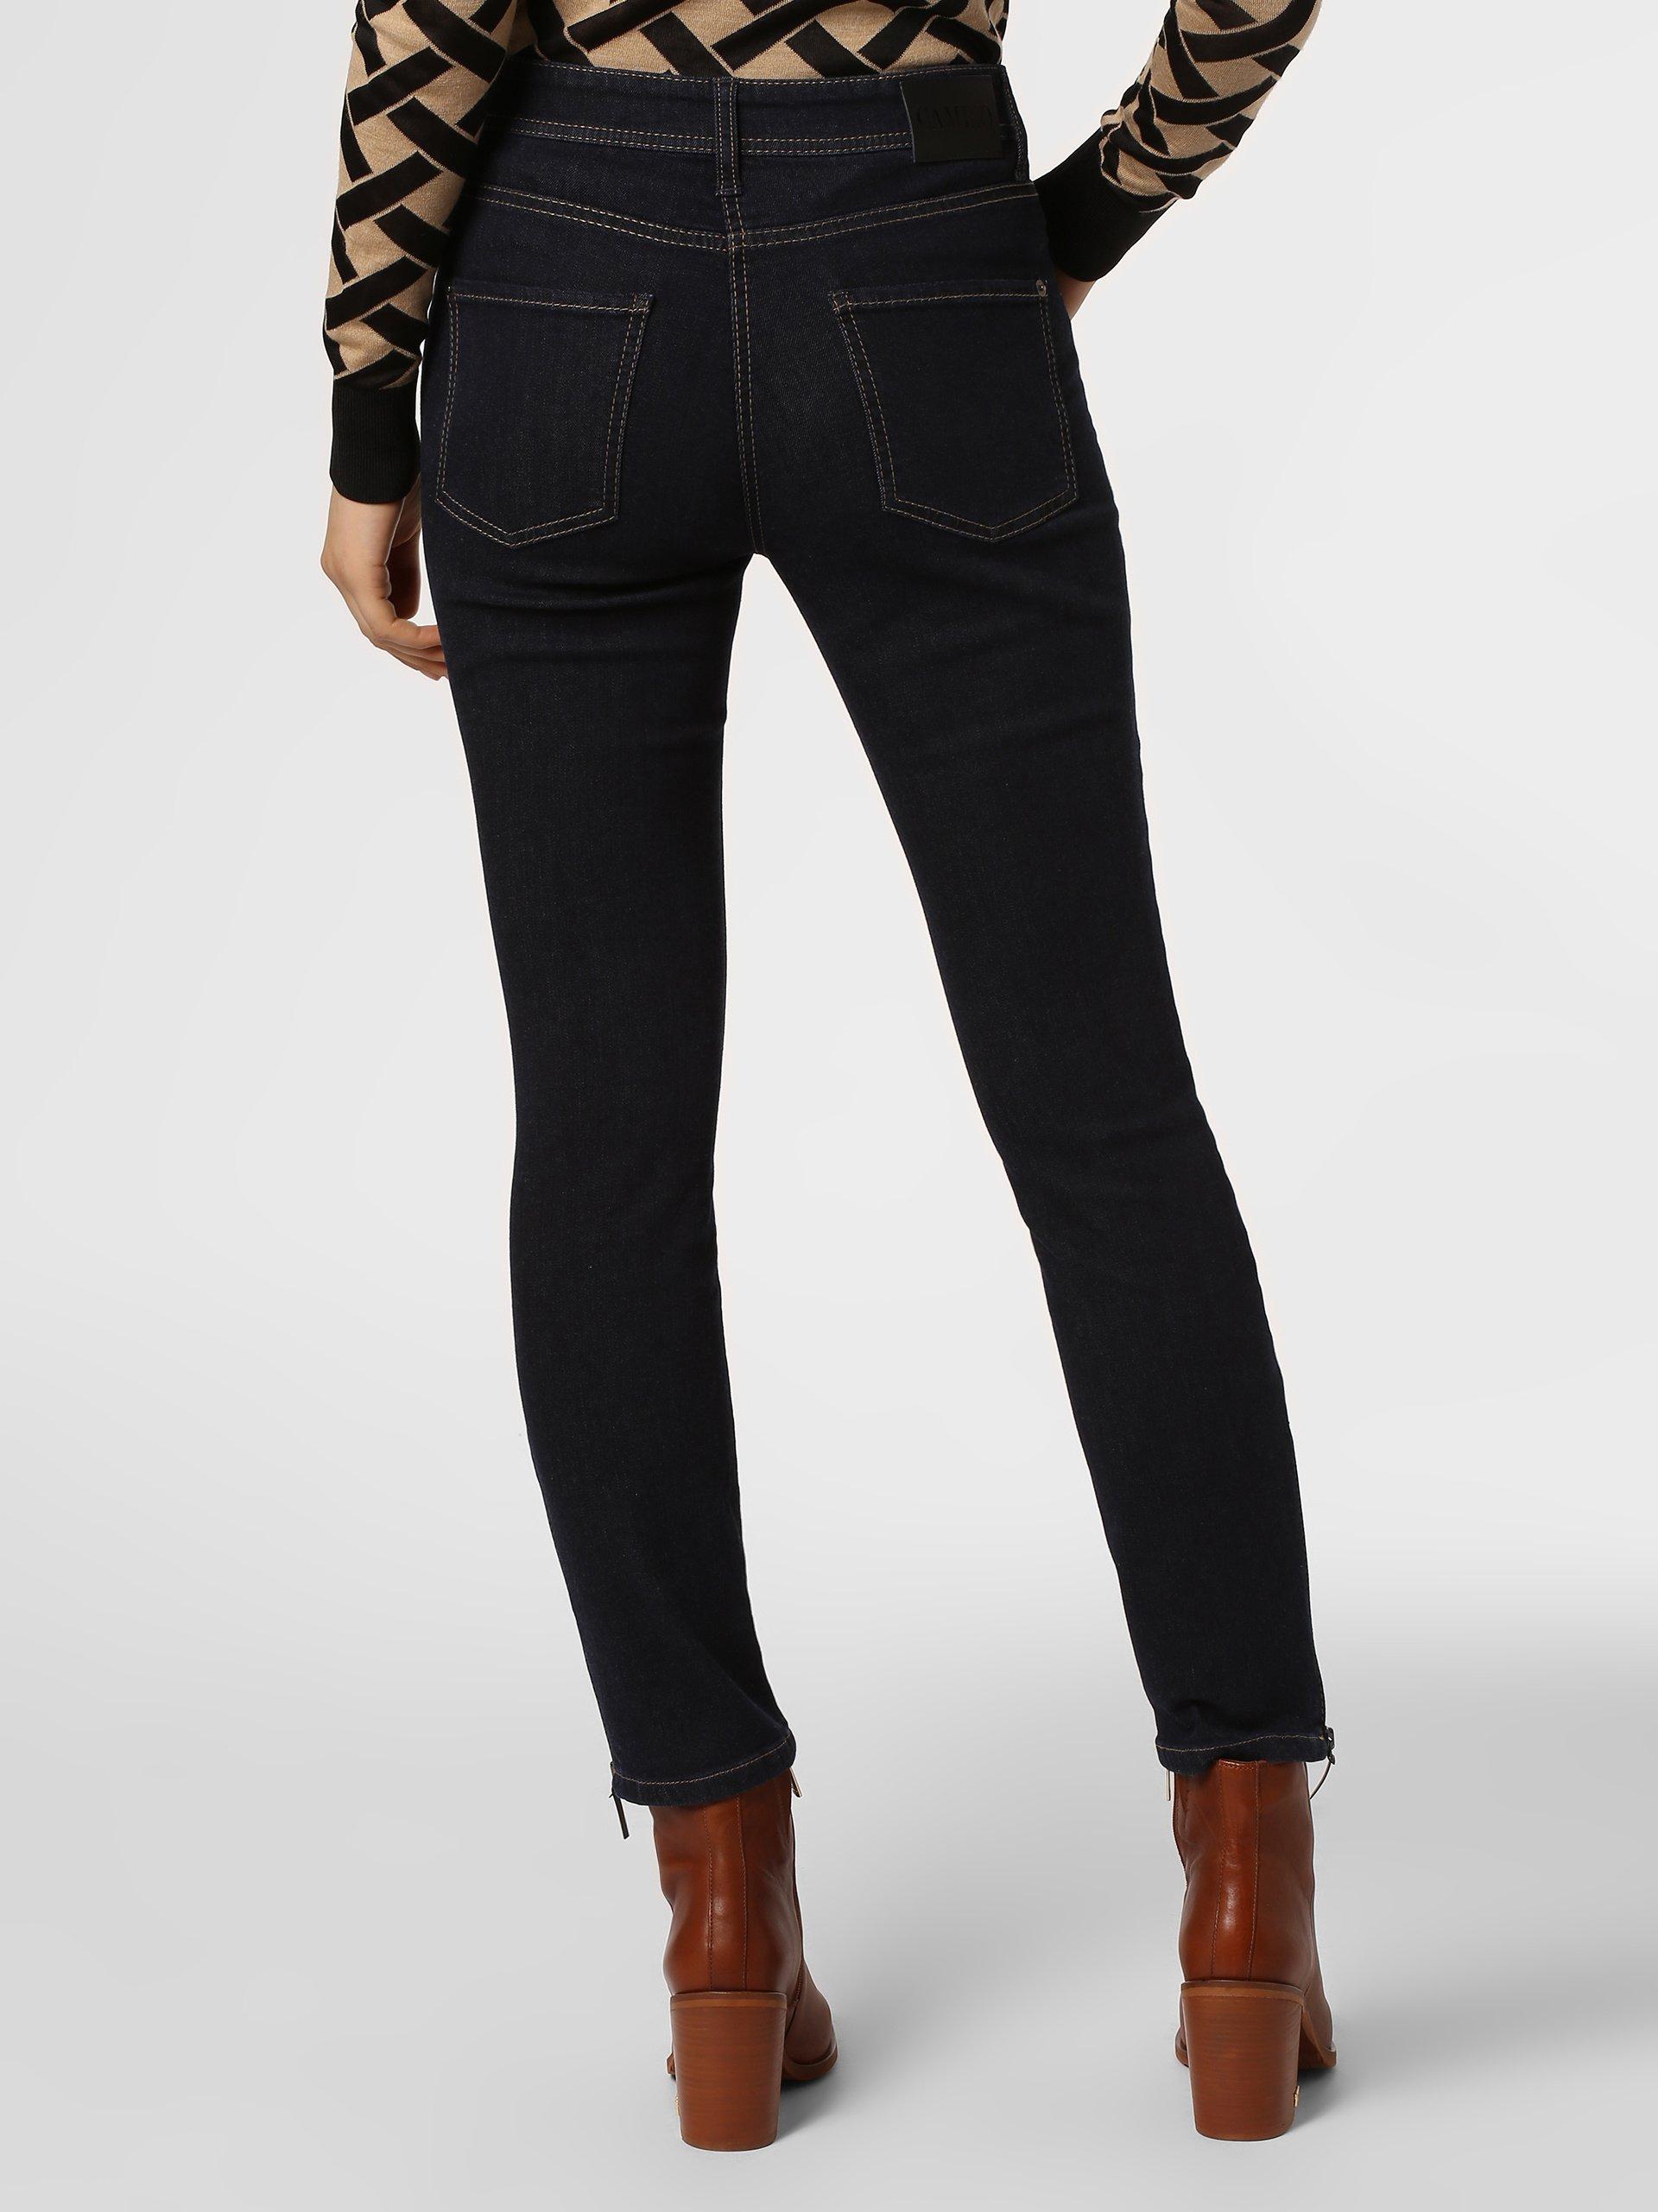 Cambio Damen Jeans - Parla